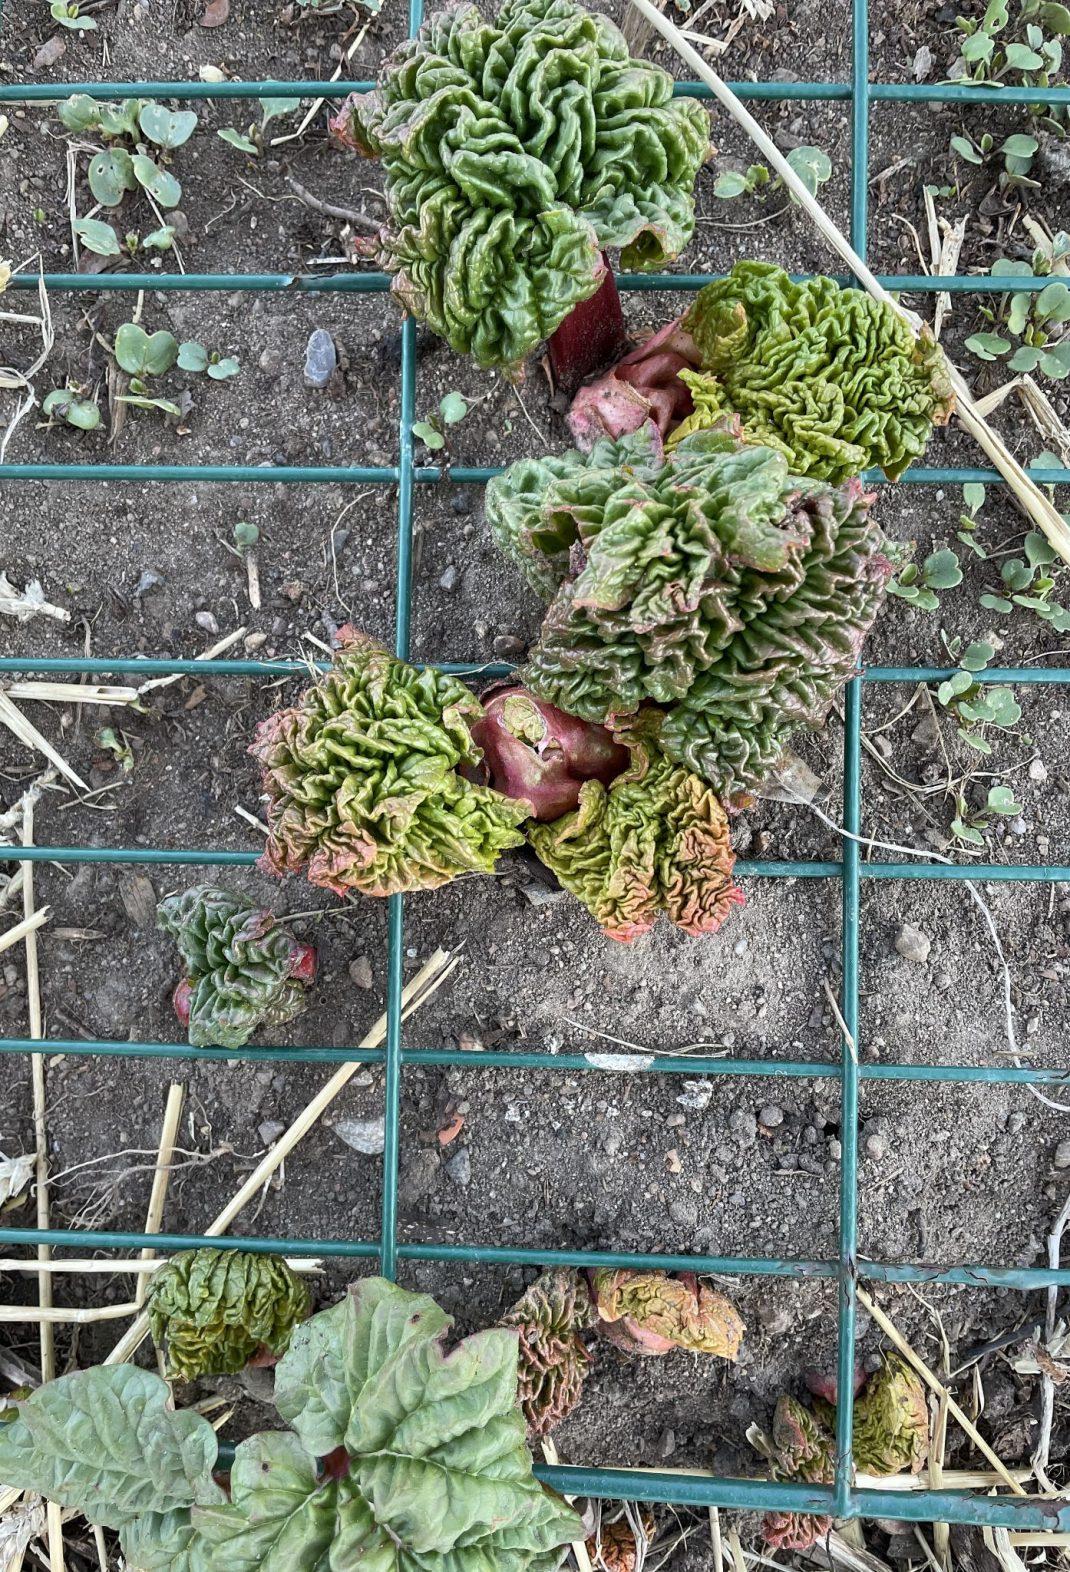 Närbild på rabarber som spränger upp ur jorden.